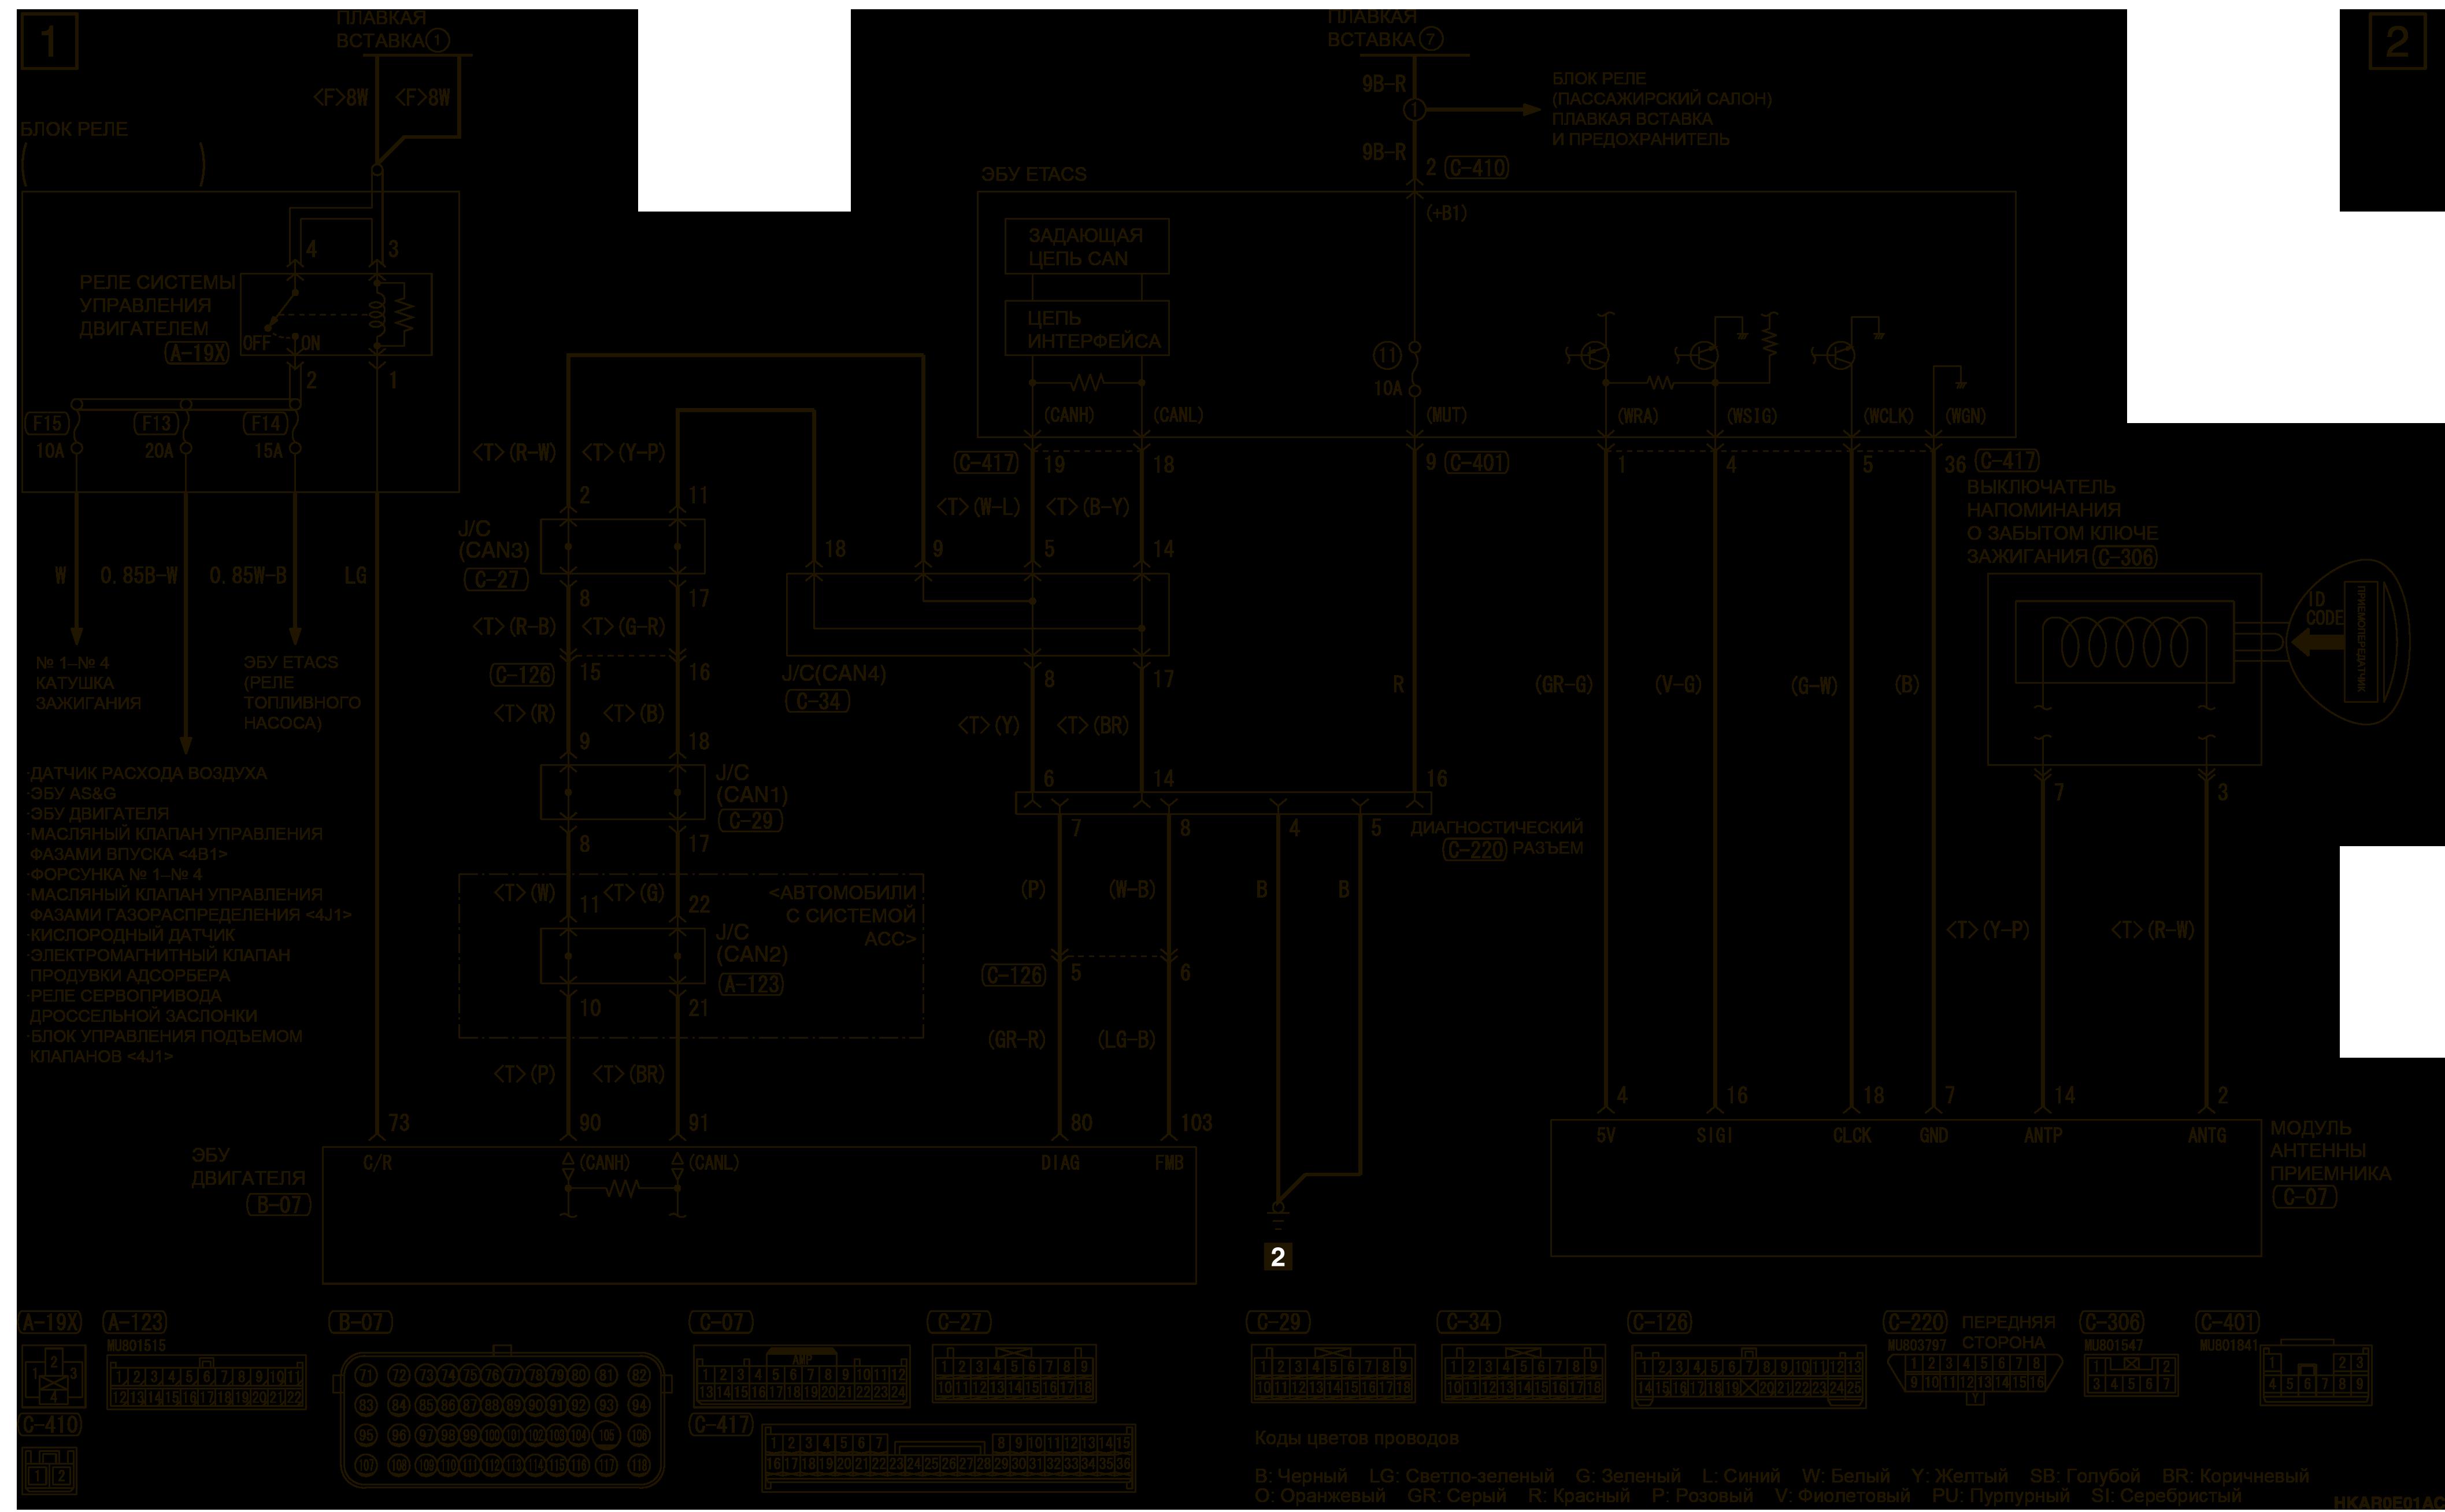 mmc аутлендер 3 2019 электросхемаИММОБИЛАЙЗЕР АВТОМОБИЛИ БЕЗ СИСТЕМЫ KOS (ПРАВОСТОРОННЕЕ УПРАВЛЕНИЕ)